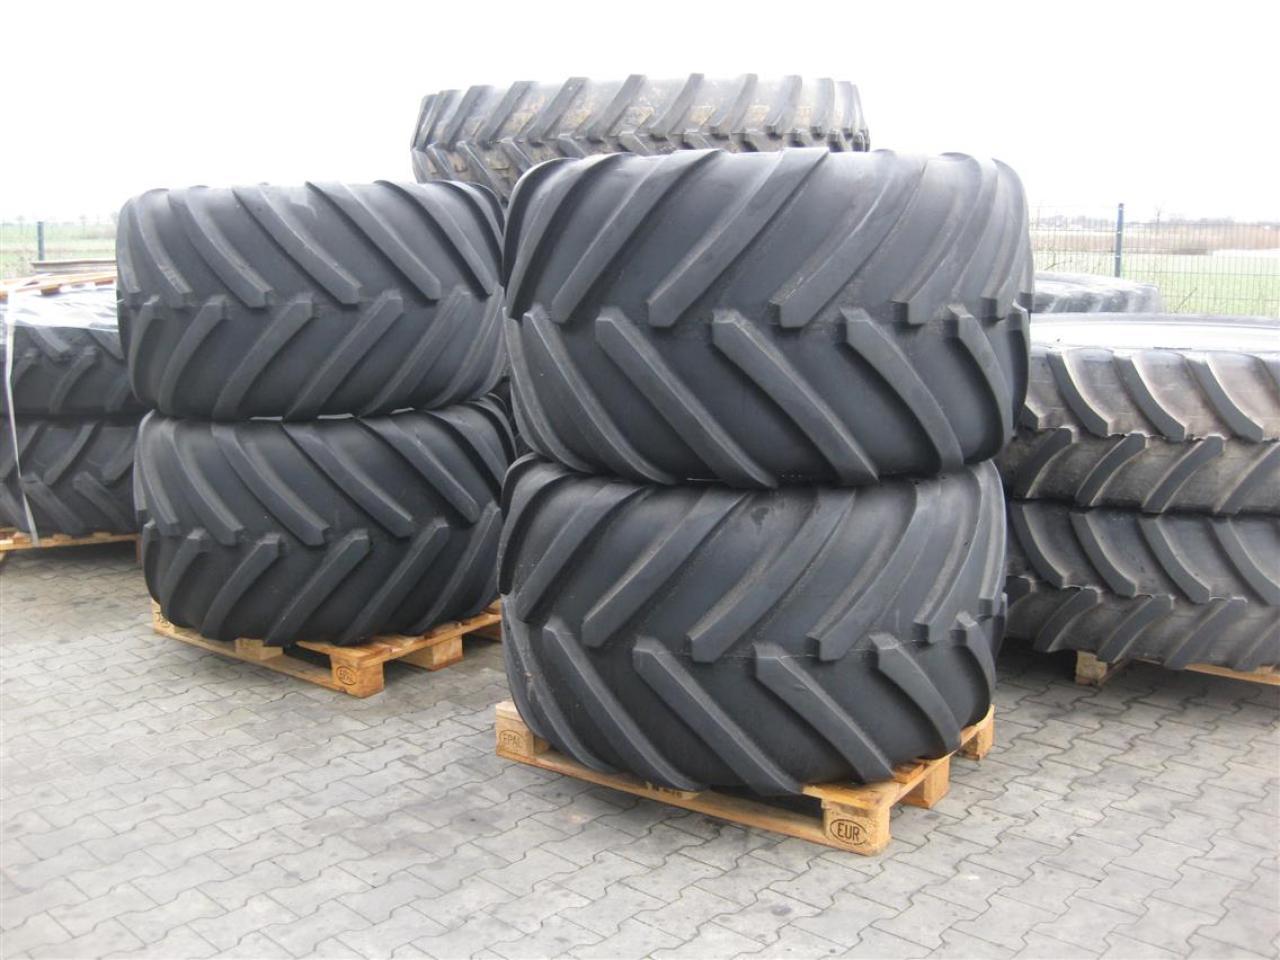 Michelin 750/50R-26